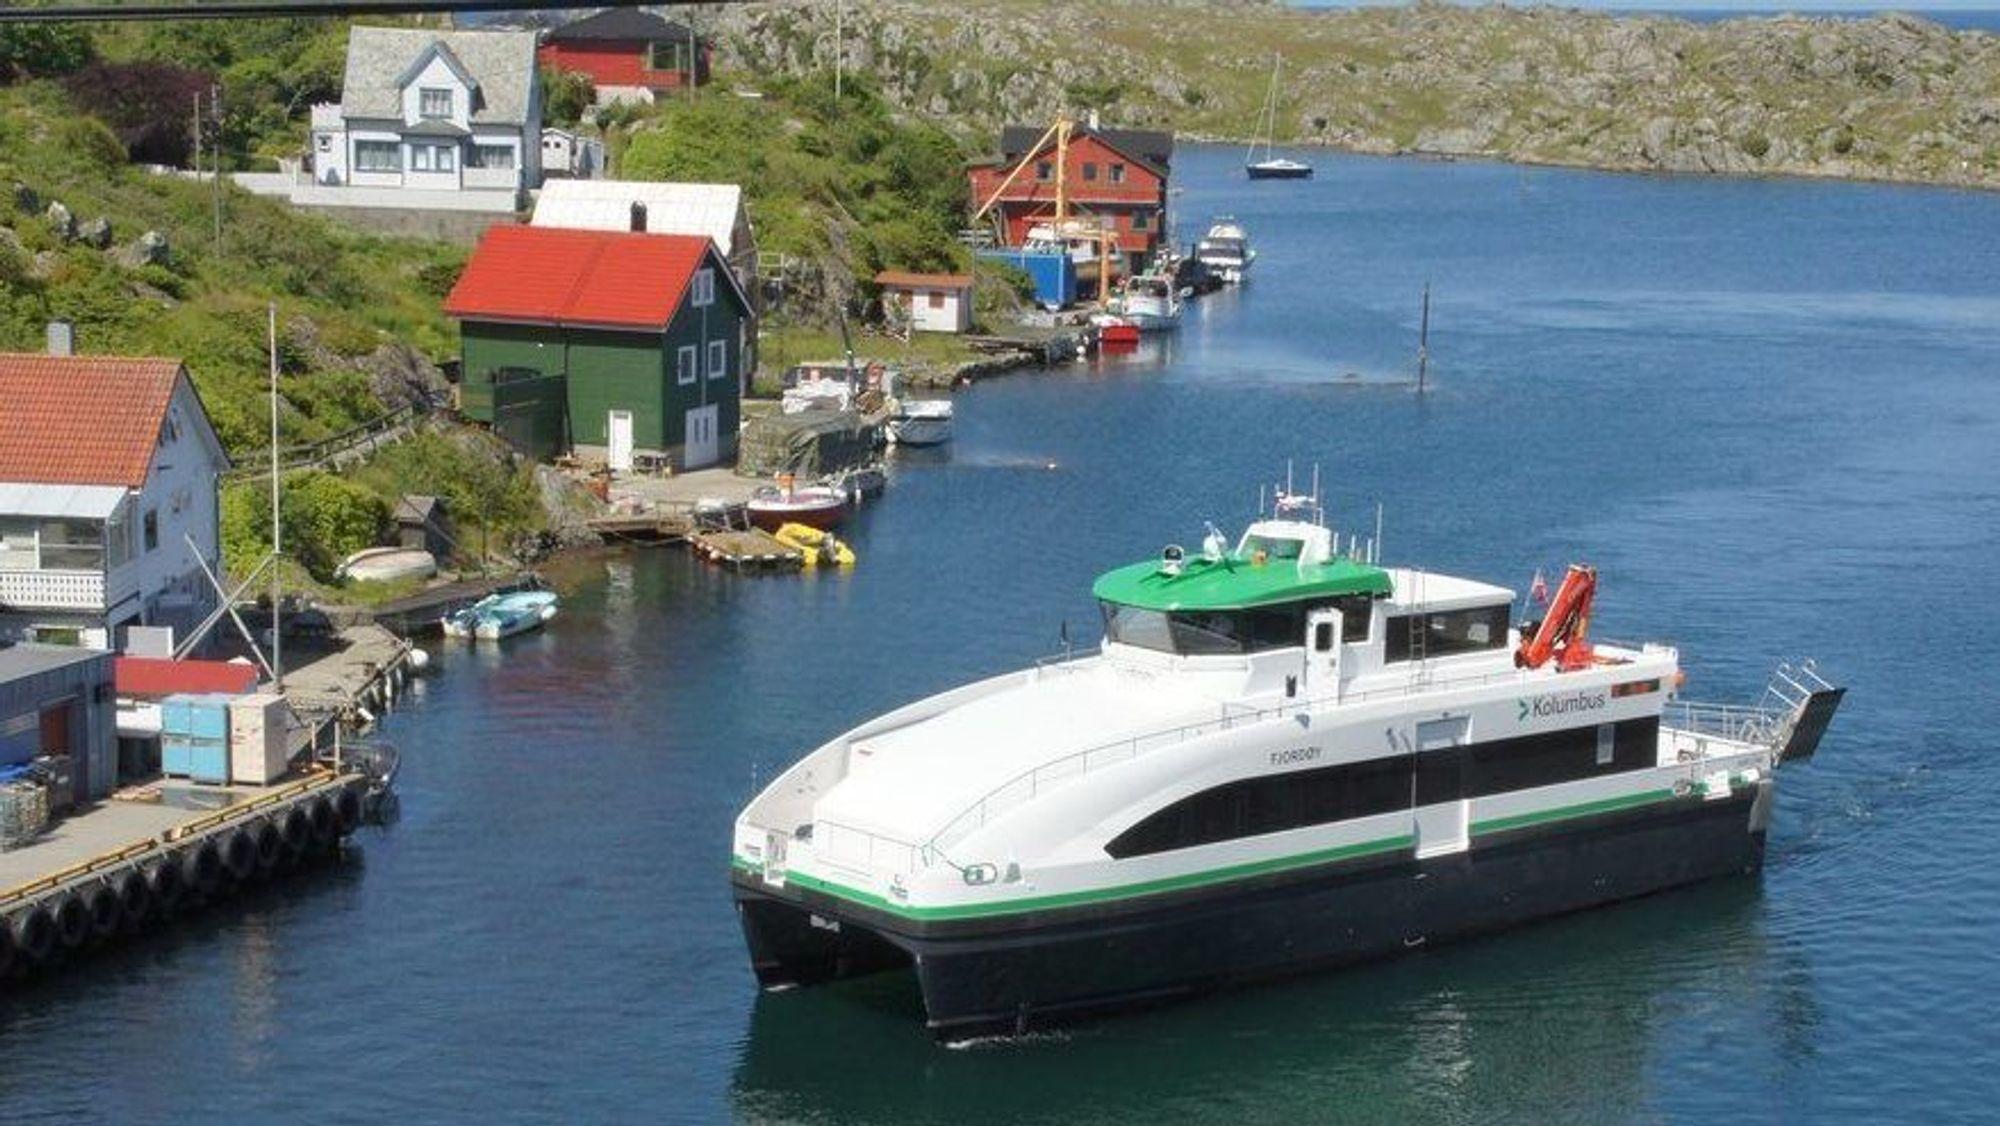 MS Fjordøy er en tradisjonell hurtigbåt med to dieselmotorer. Søsterskipet MS Fjordled er hybrid og har batteripakker og elektromotorer i tillegg. Begge er 24 meter lange, har plass til 89 personer og går i 20 knop.